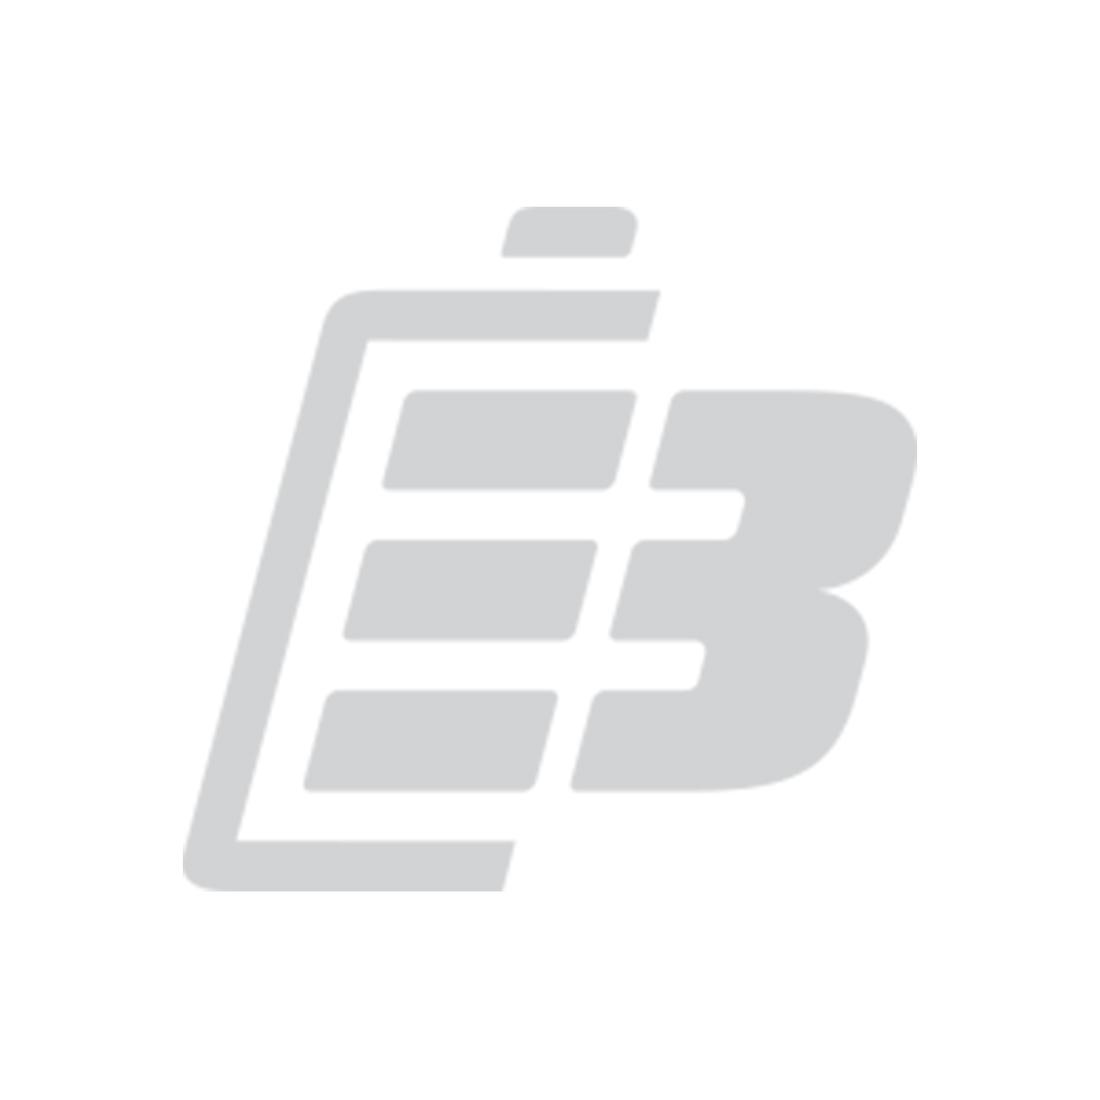 Camera battery Nikon EN-EL21_1